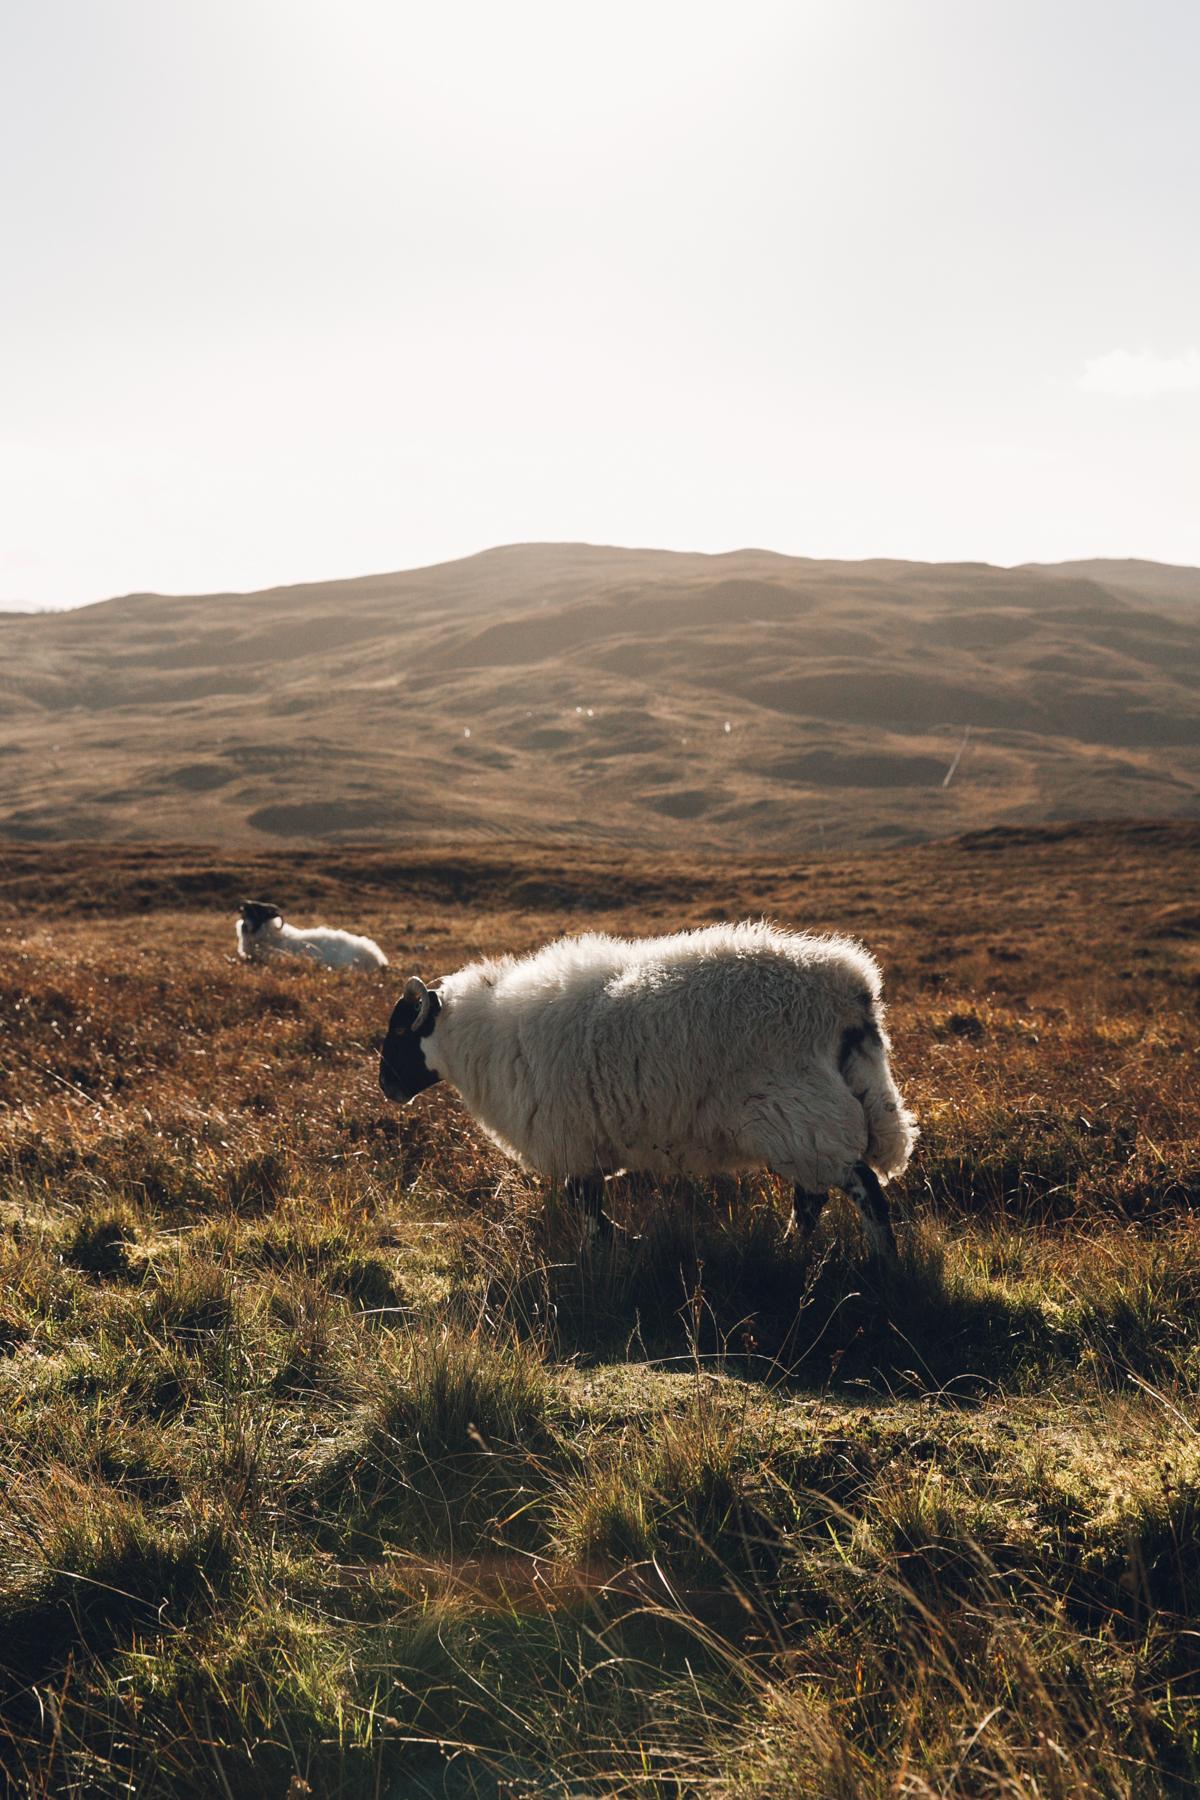 Sheep on the roadside.